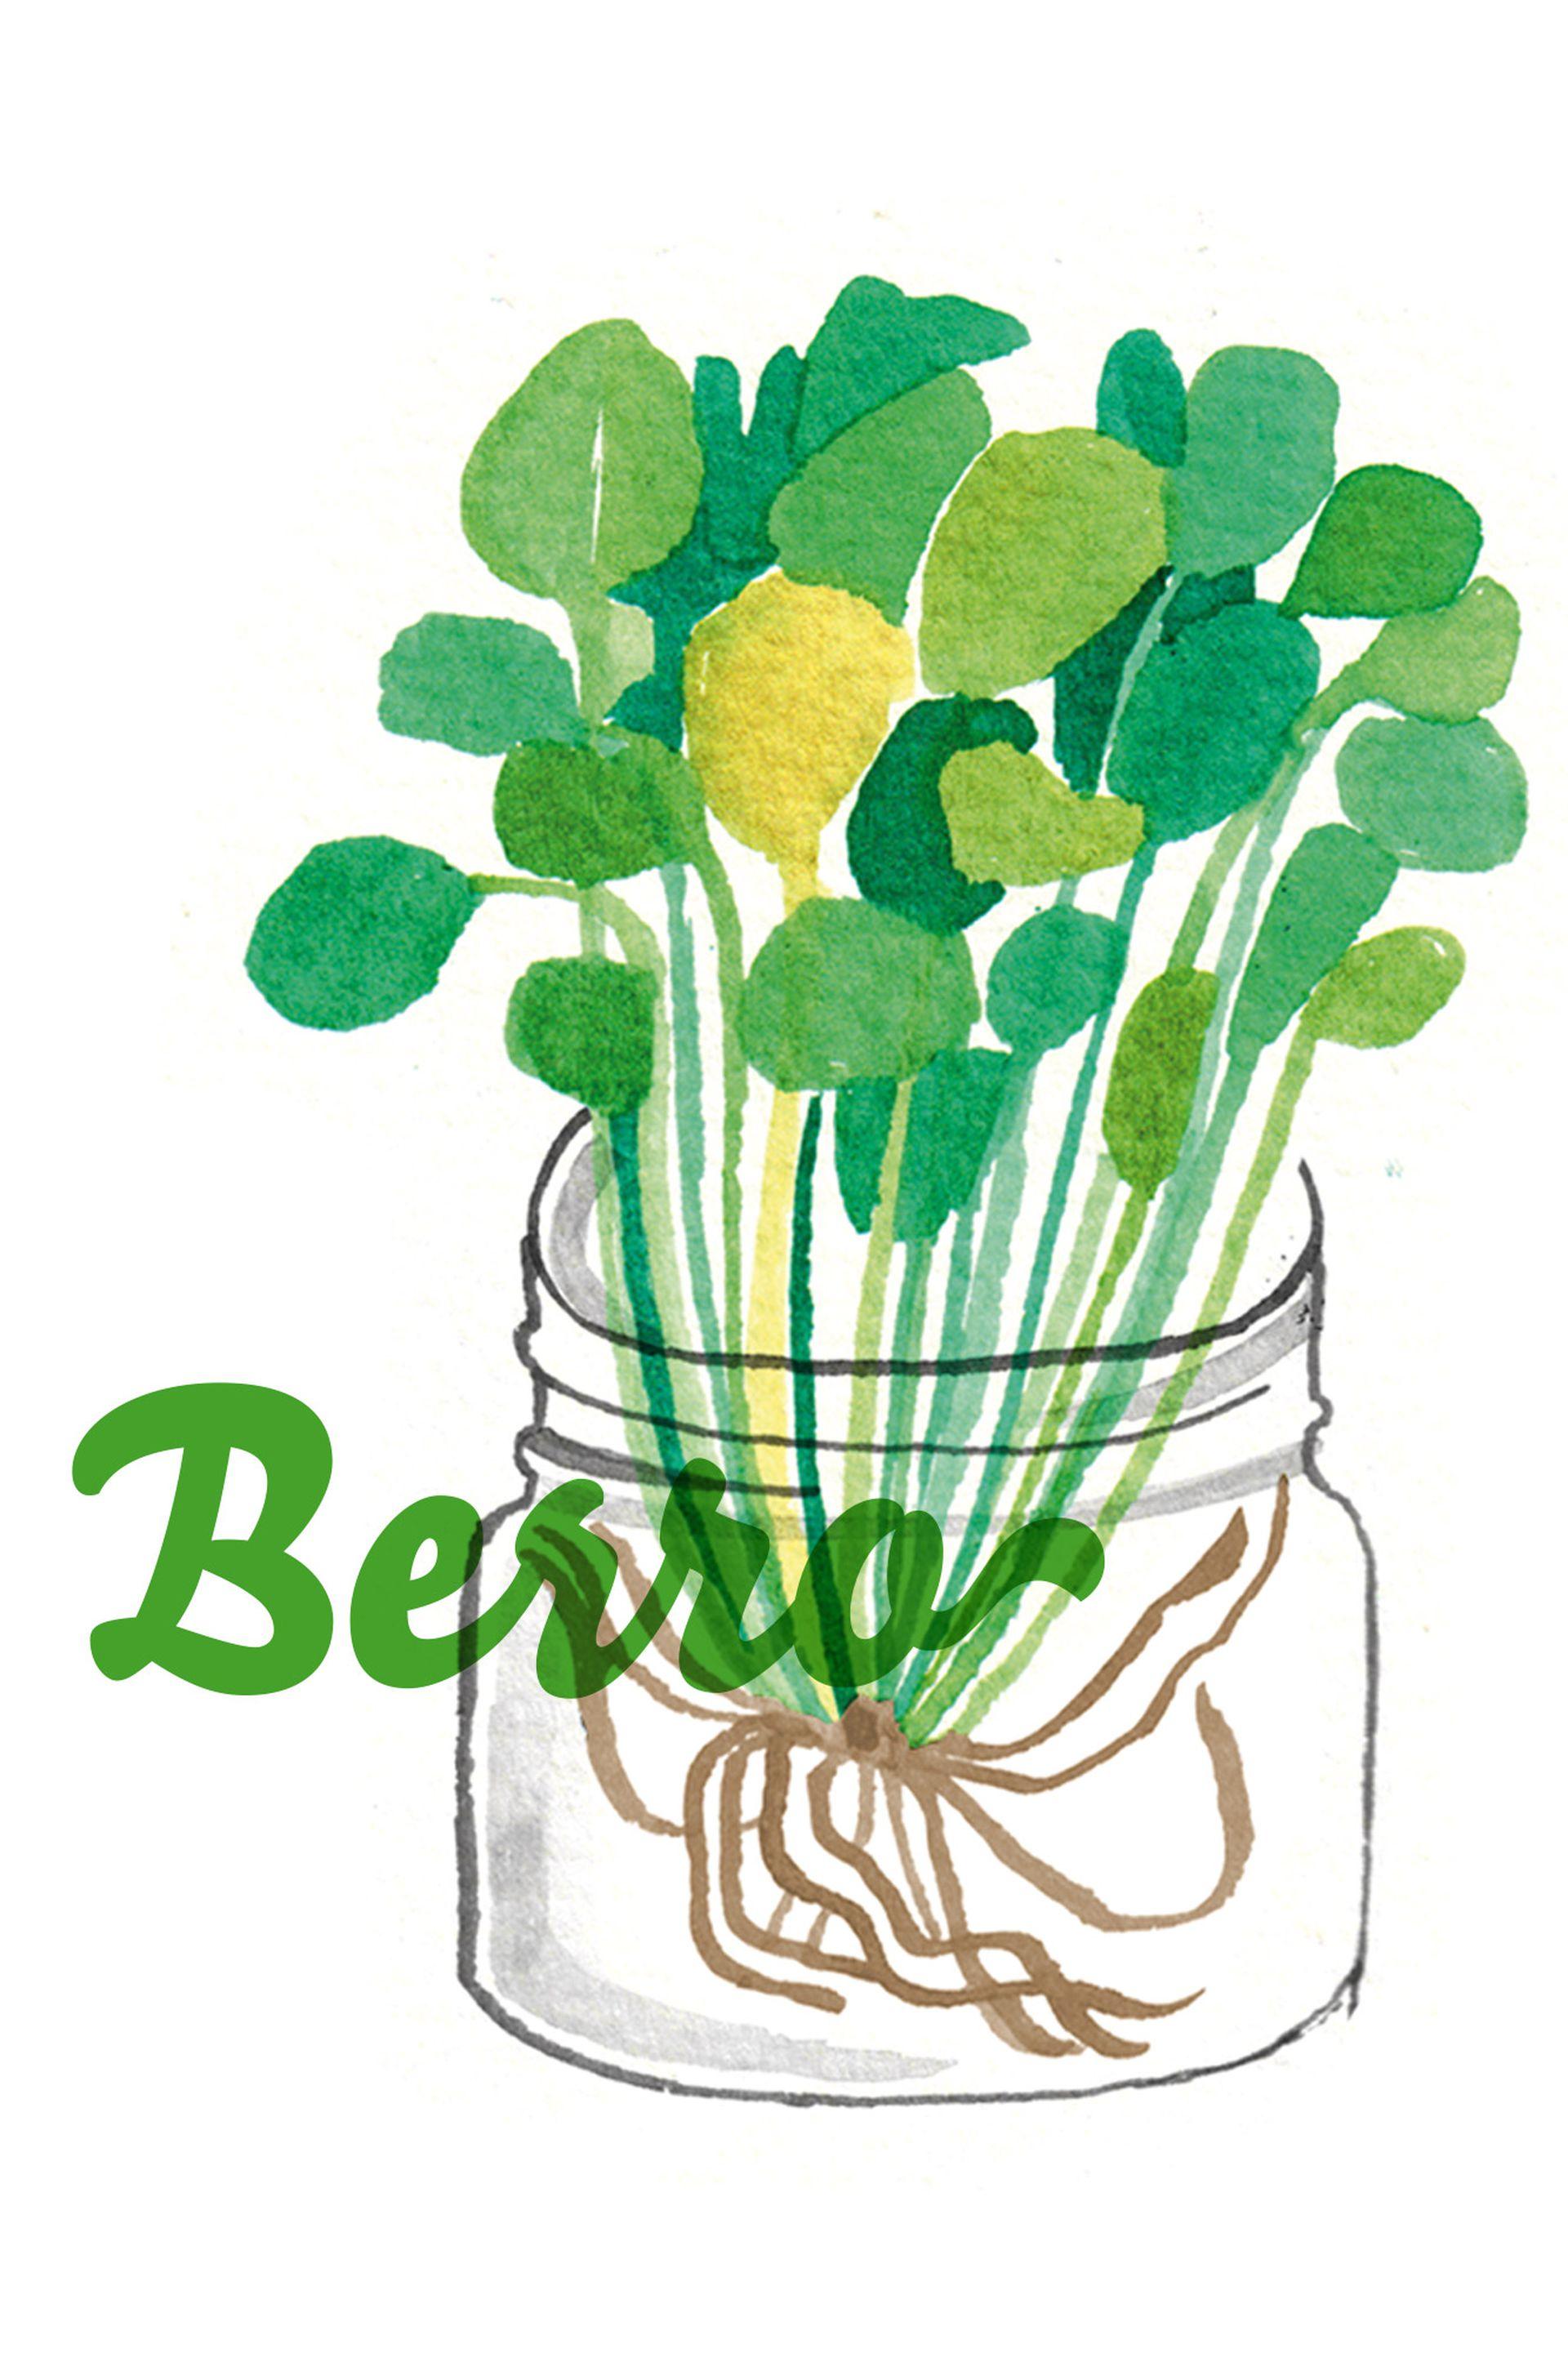 Los frascos transparentes permiten ver de cerca, día por día, el crecimiento radicular de las plantas, una parte fundamental para el buen desarrollo de los cultivos.